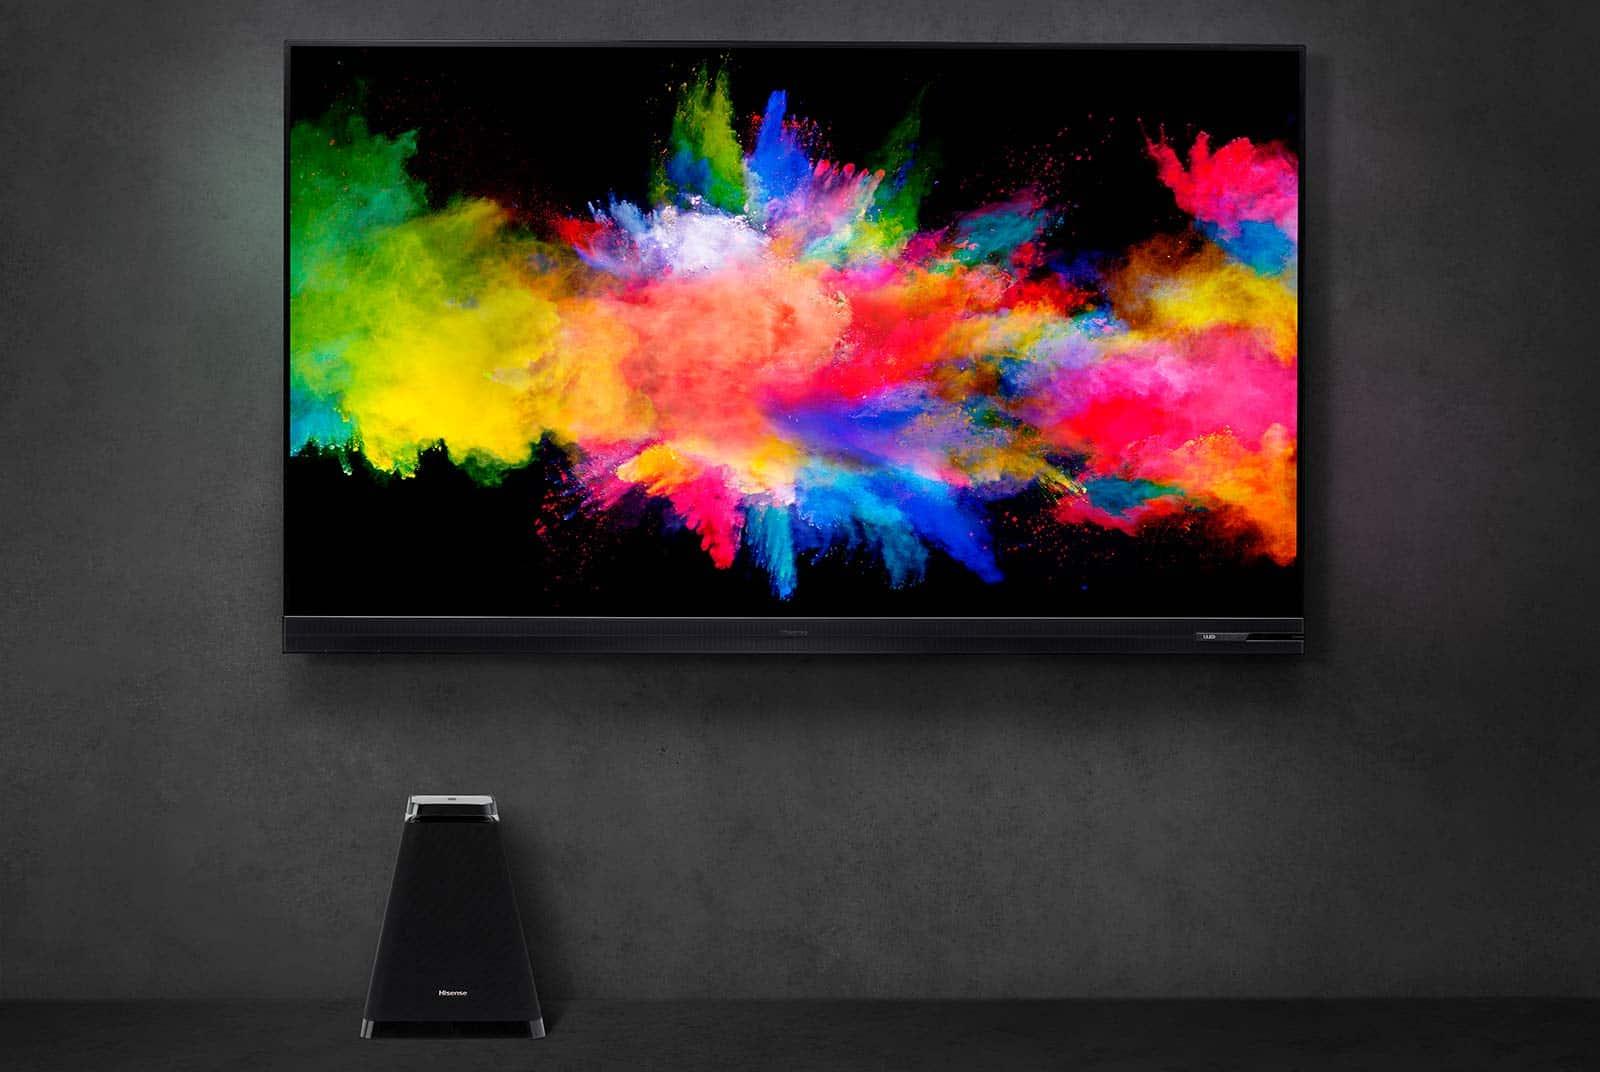 Hisense Dual Cell 65SX LED TV